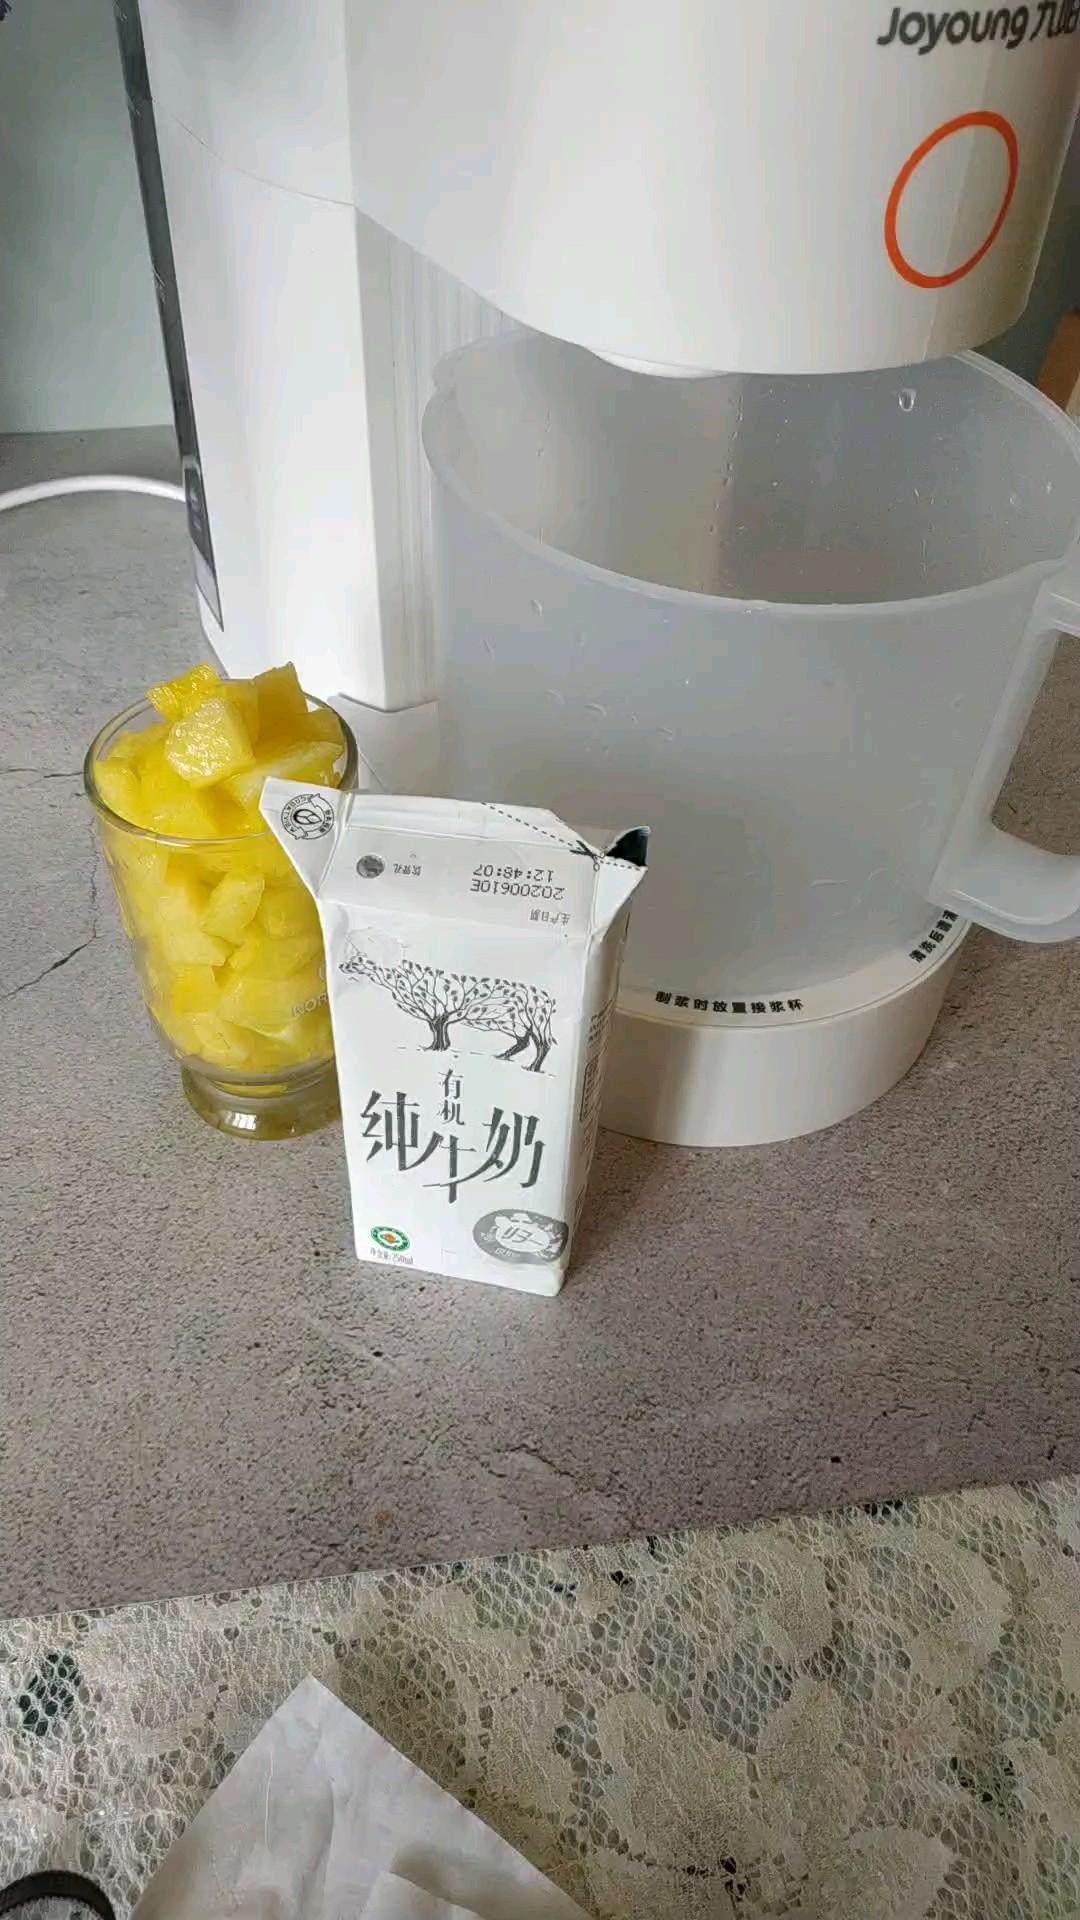 防秋燥,来1杯奶昔,常喝皮肤好的步骤